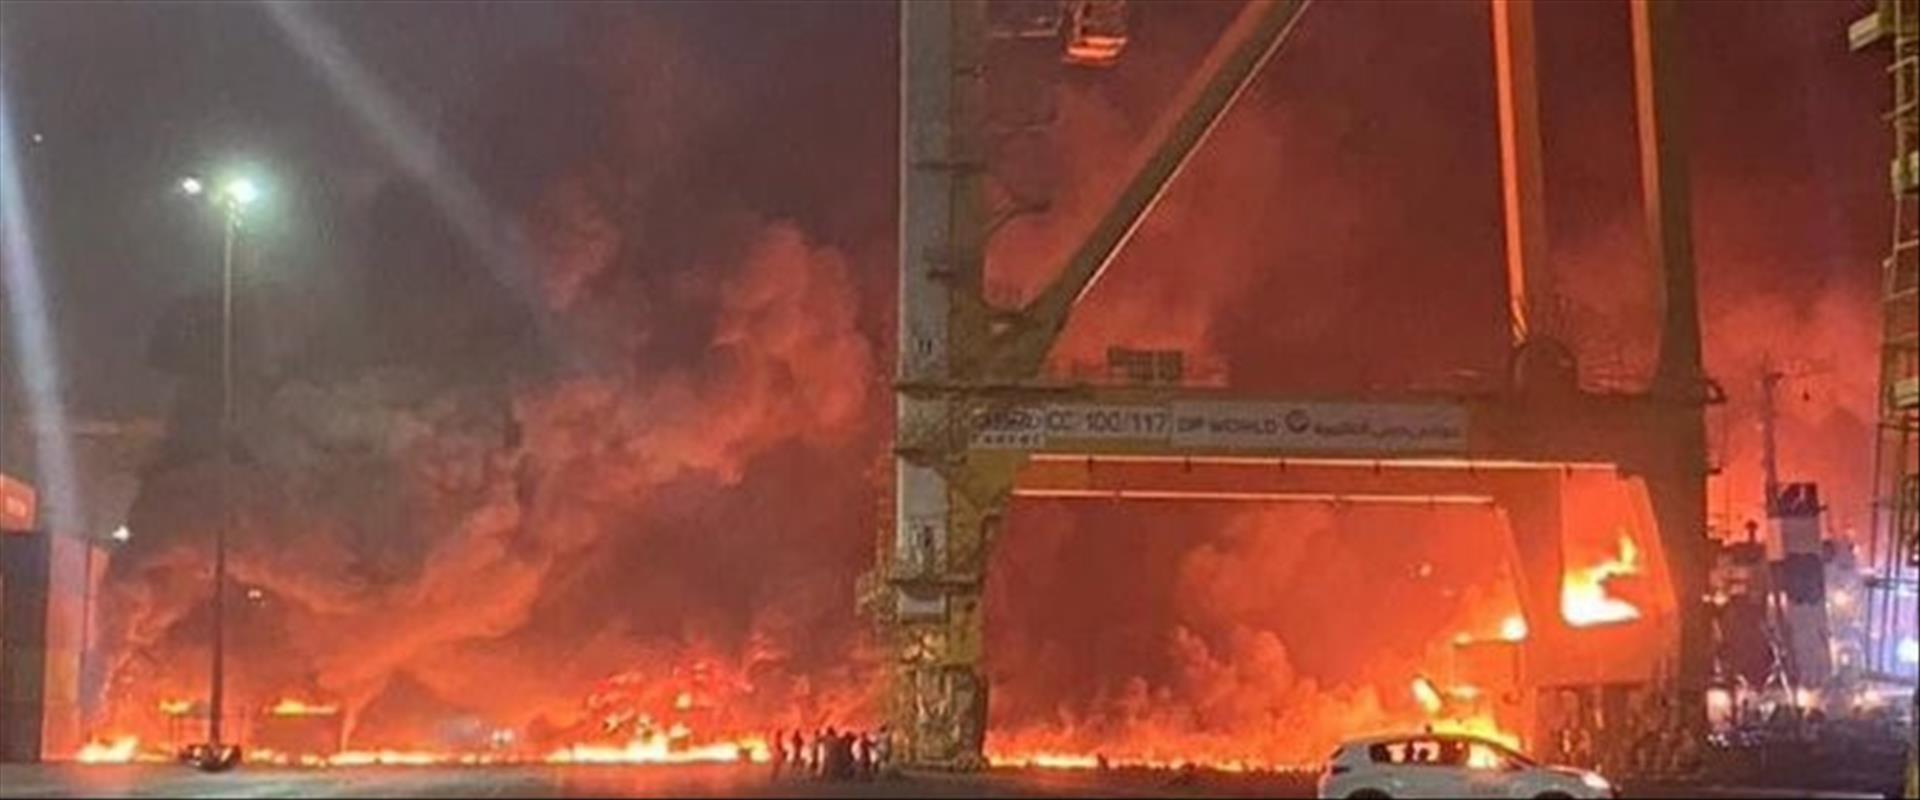 הפיצוץ בנמל